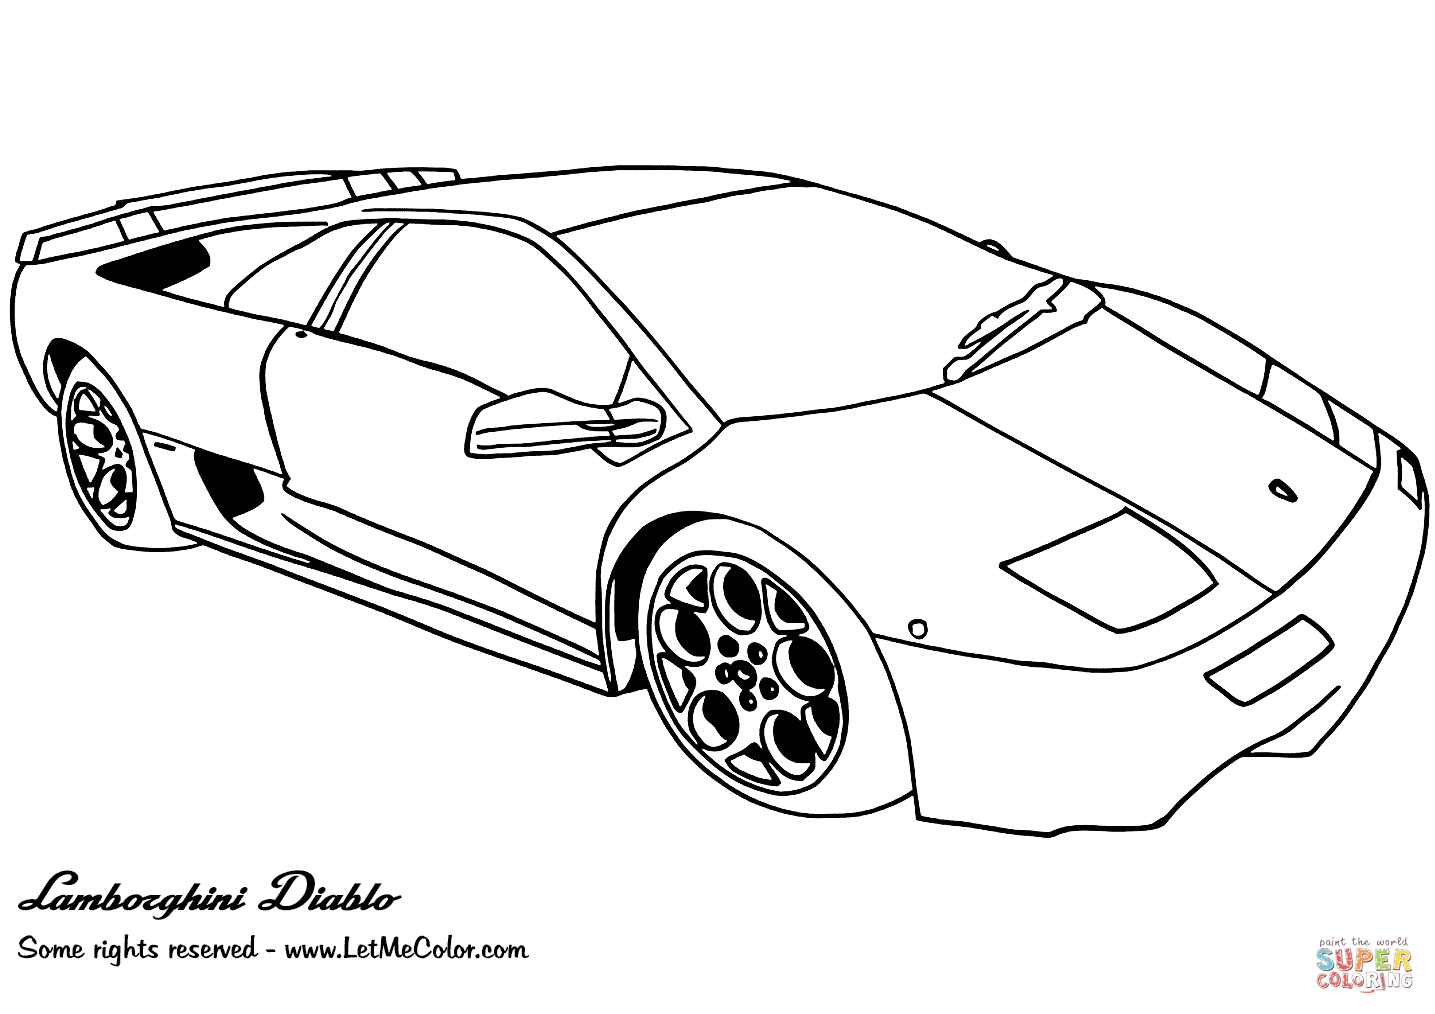 Lamborghini Diablo Coloring Pages